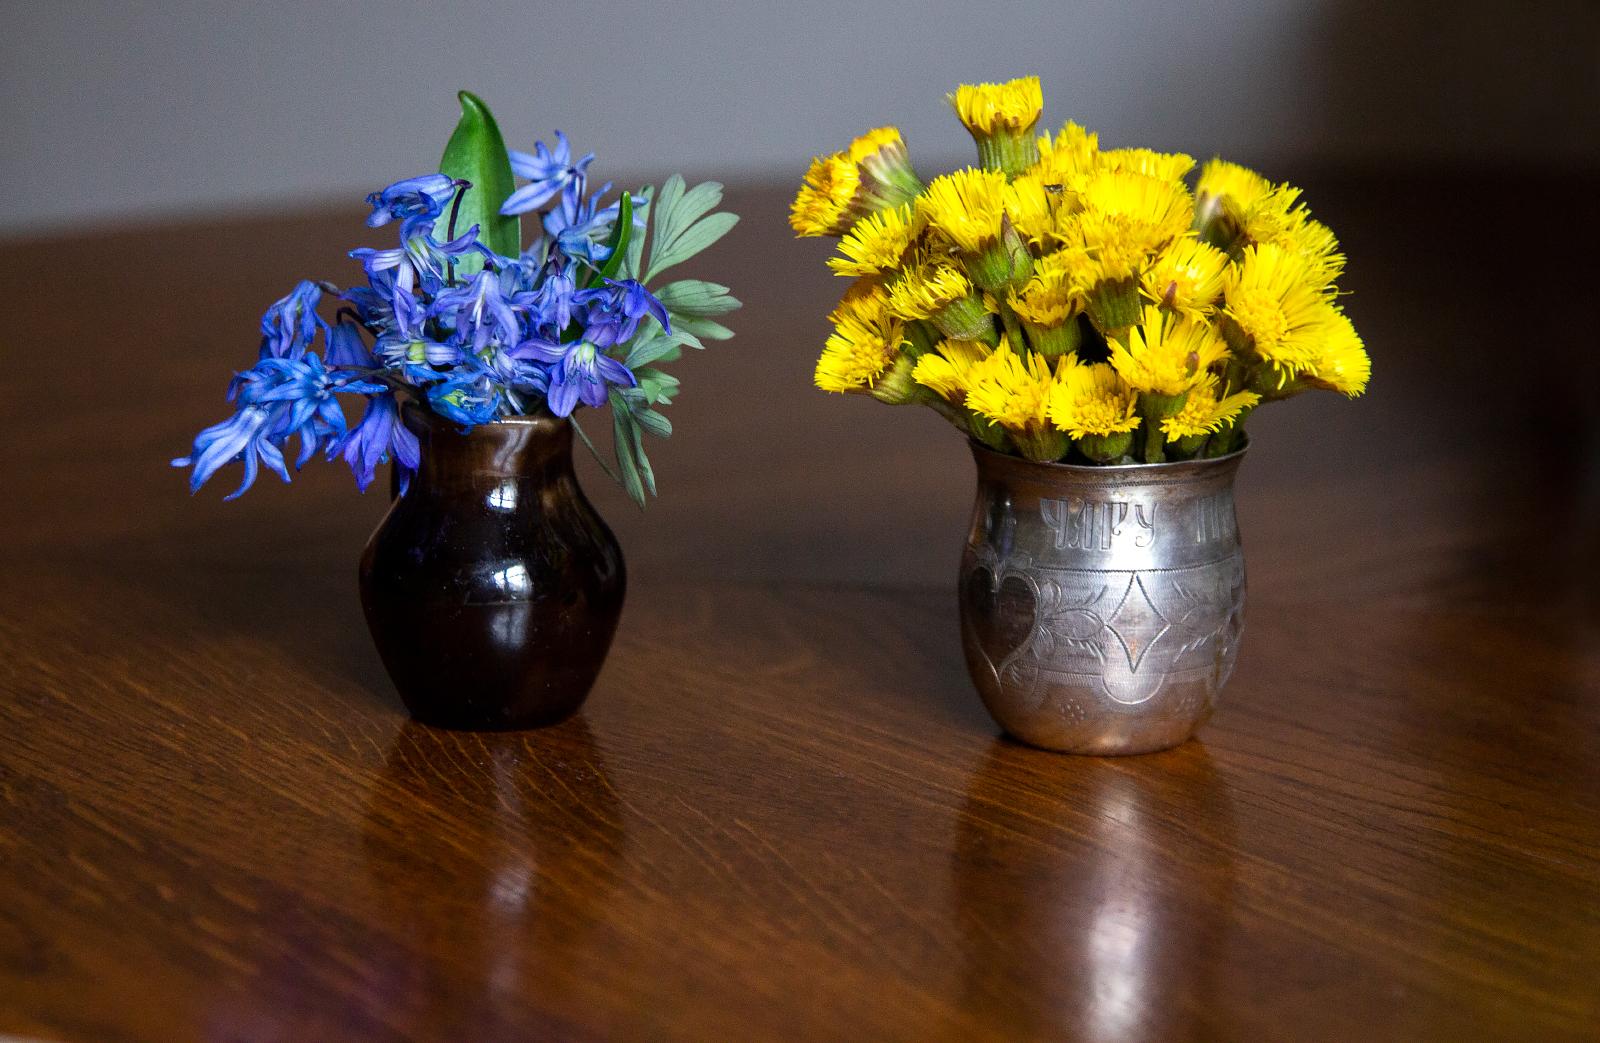 весенние первоцветы вазе фото картинки именно этой